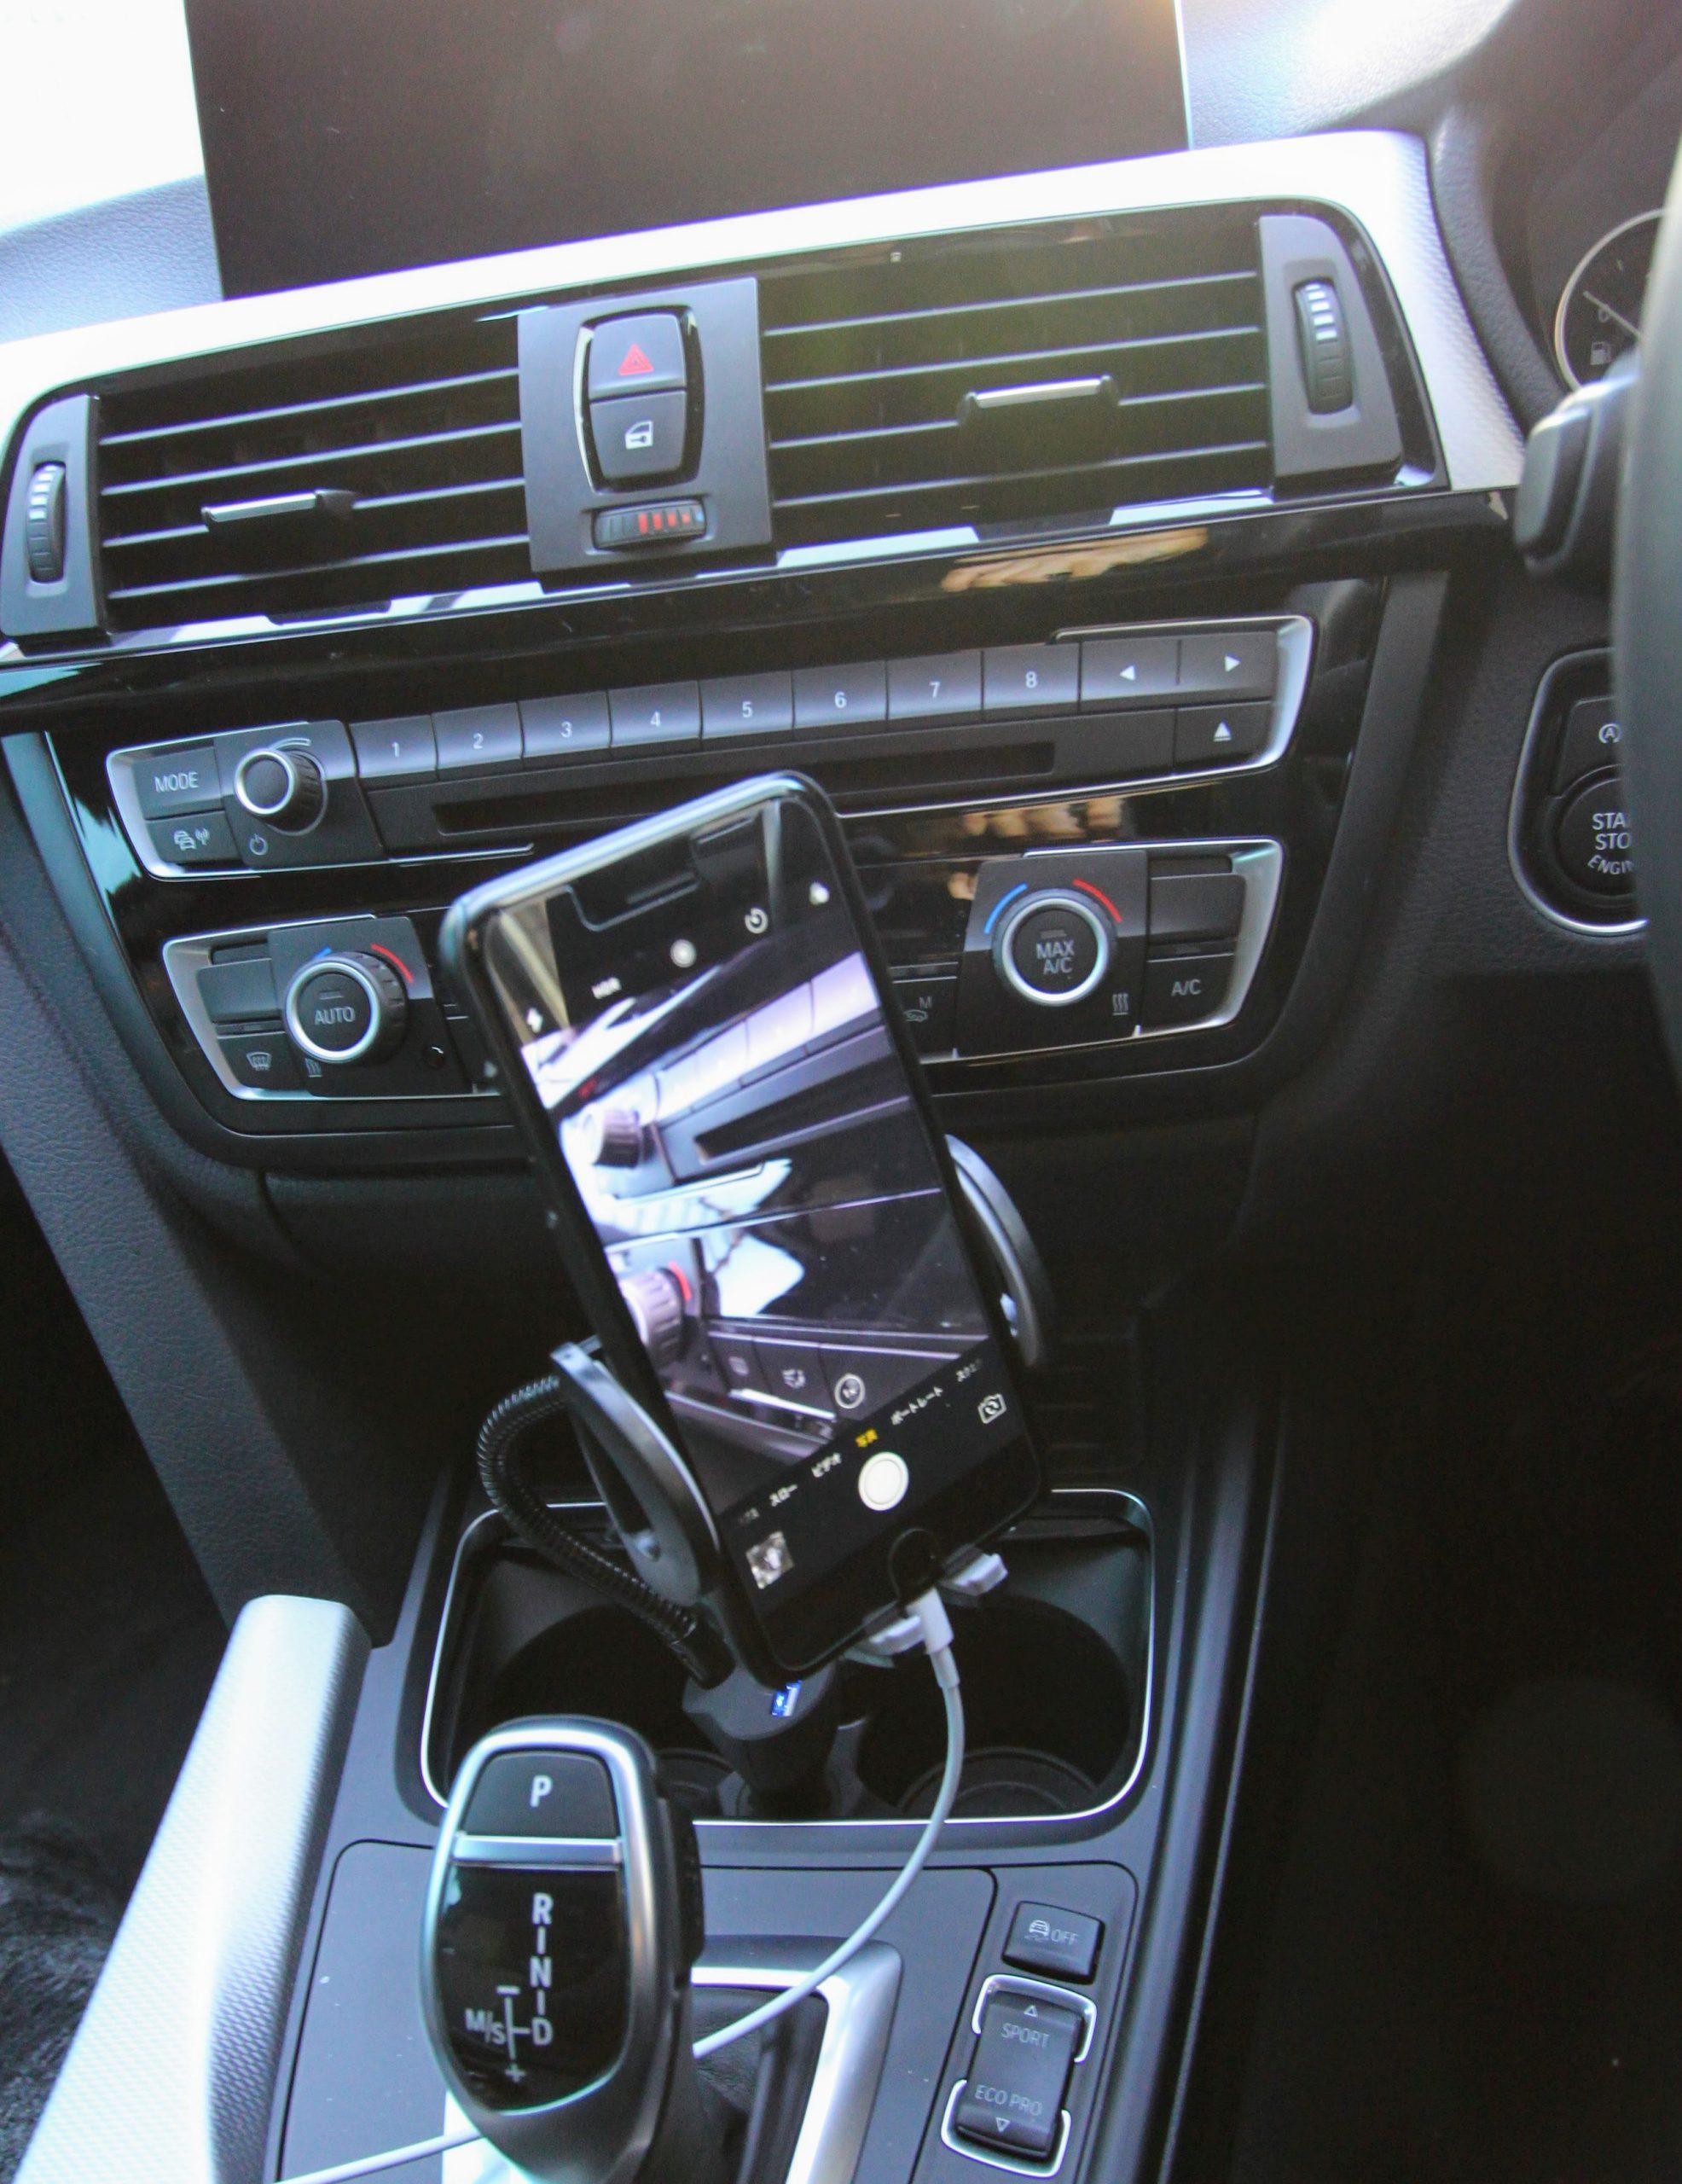 車内で携帯電話(スマートフォン)の置き場って困りませんか?こんな商品を買ってみました^^